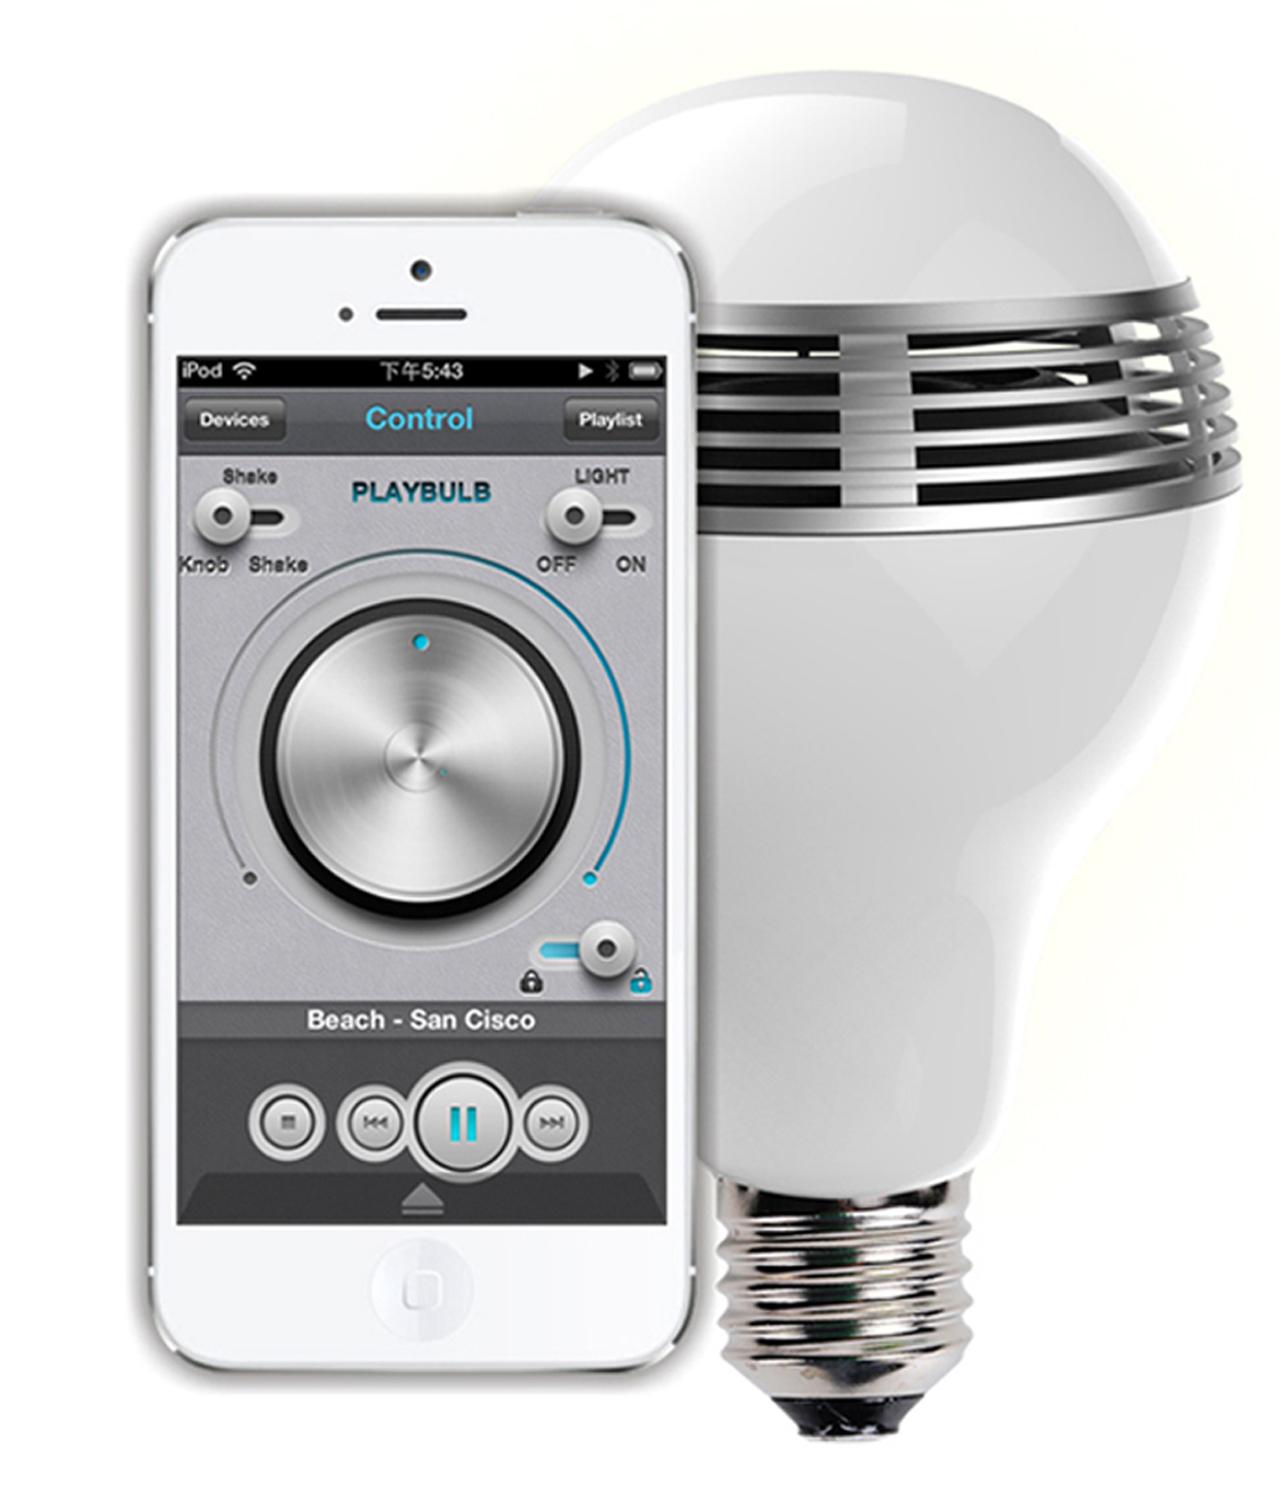 Mipow-Playbulb-Dimmen Spannende Lampen Per App Steuern Dekorationen